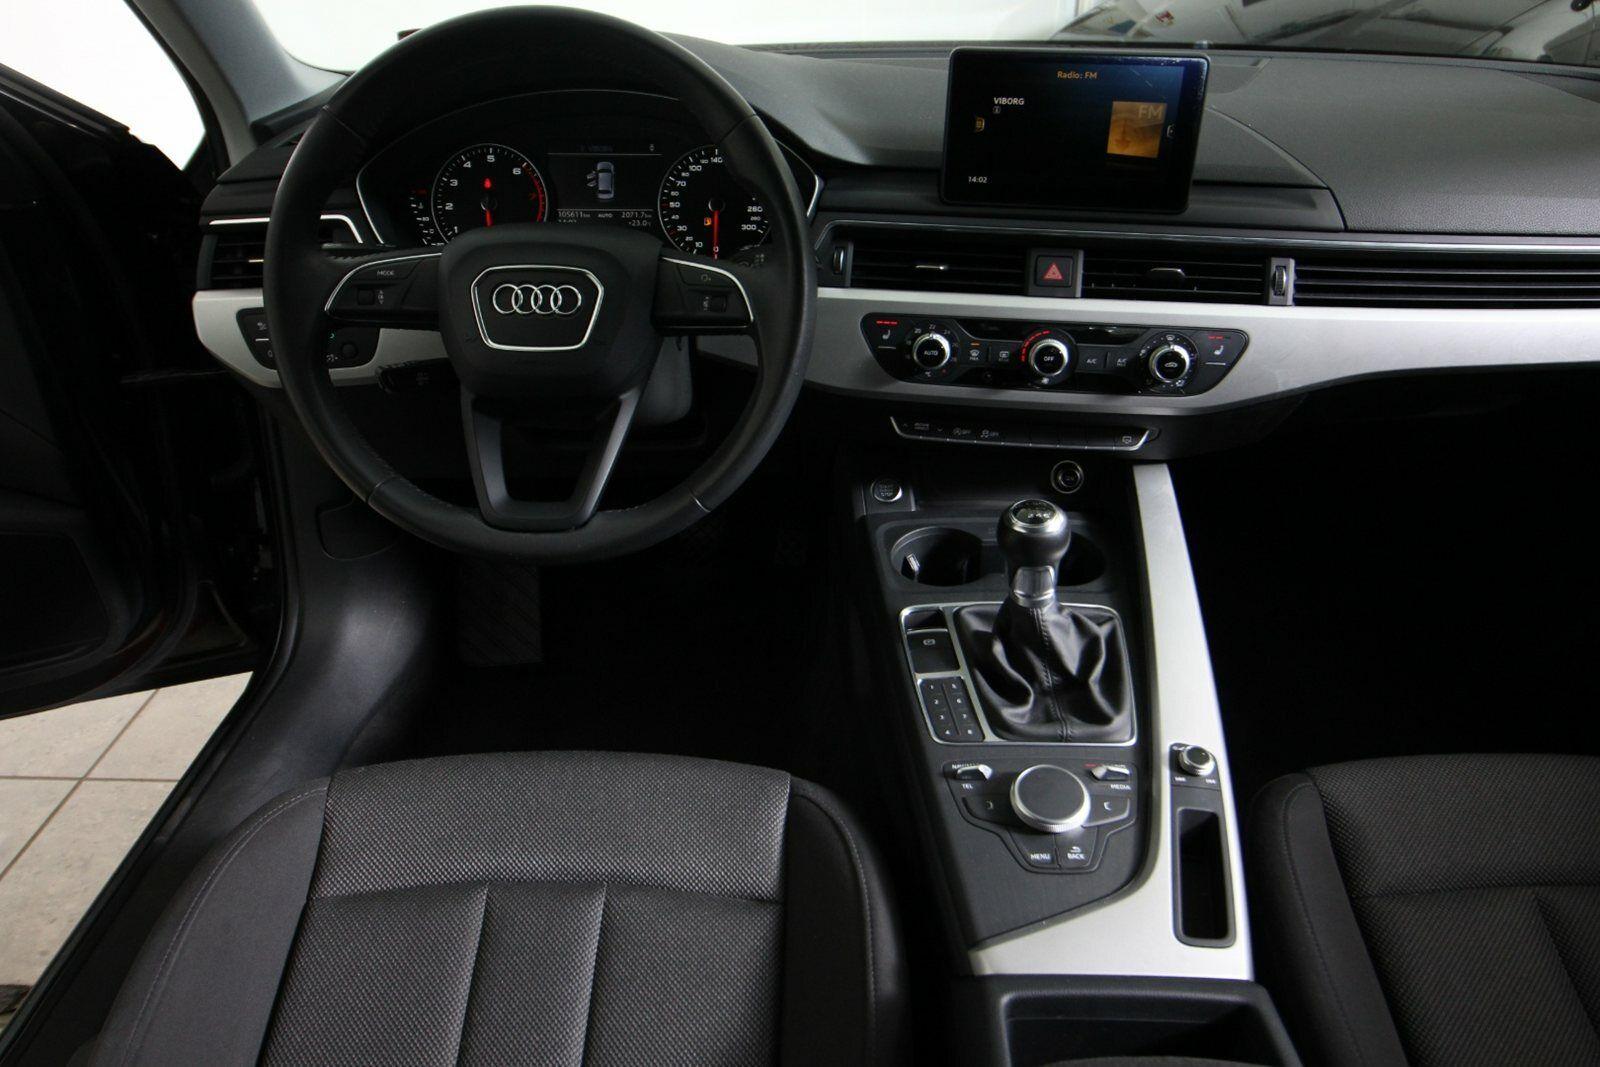 Audi A4 TFSi 190 Avant